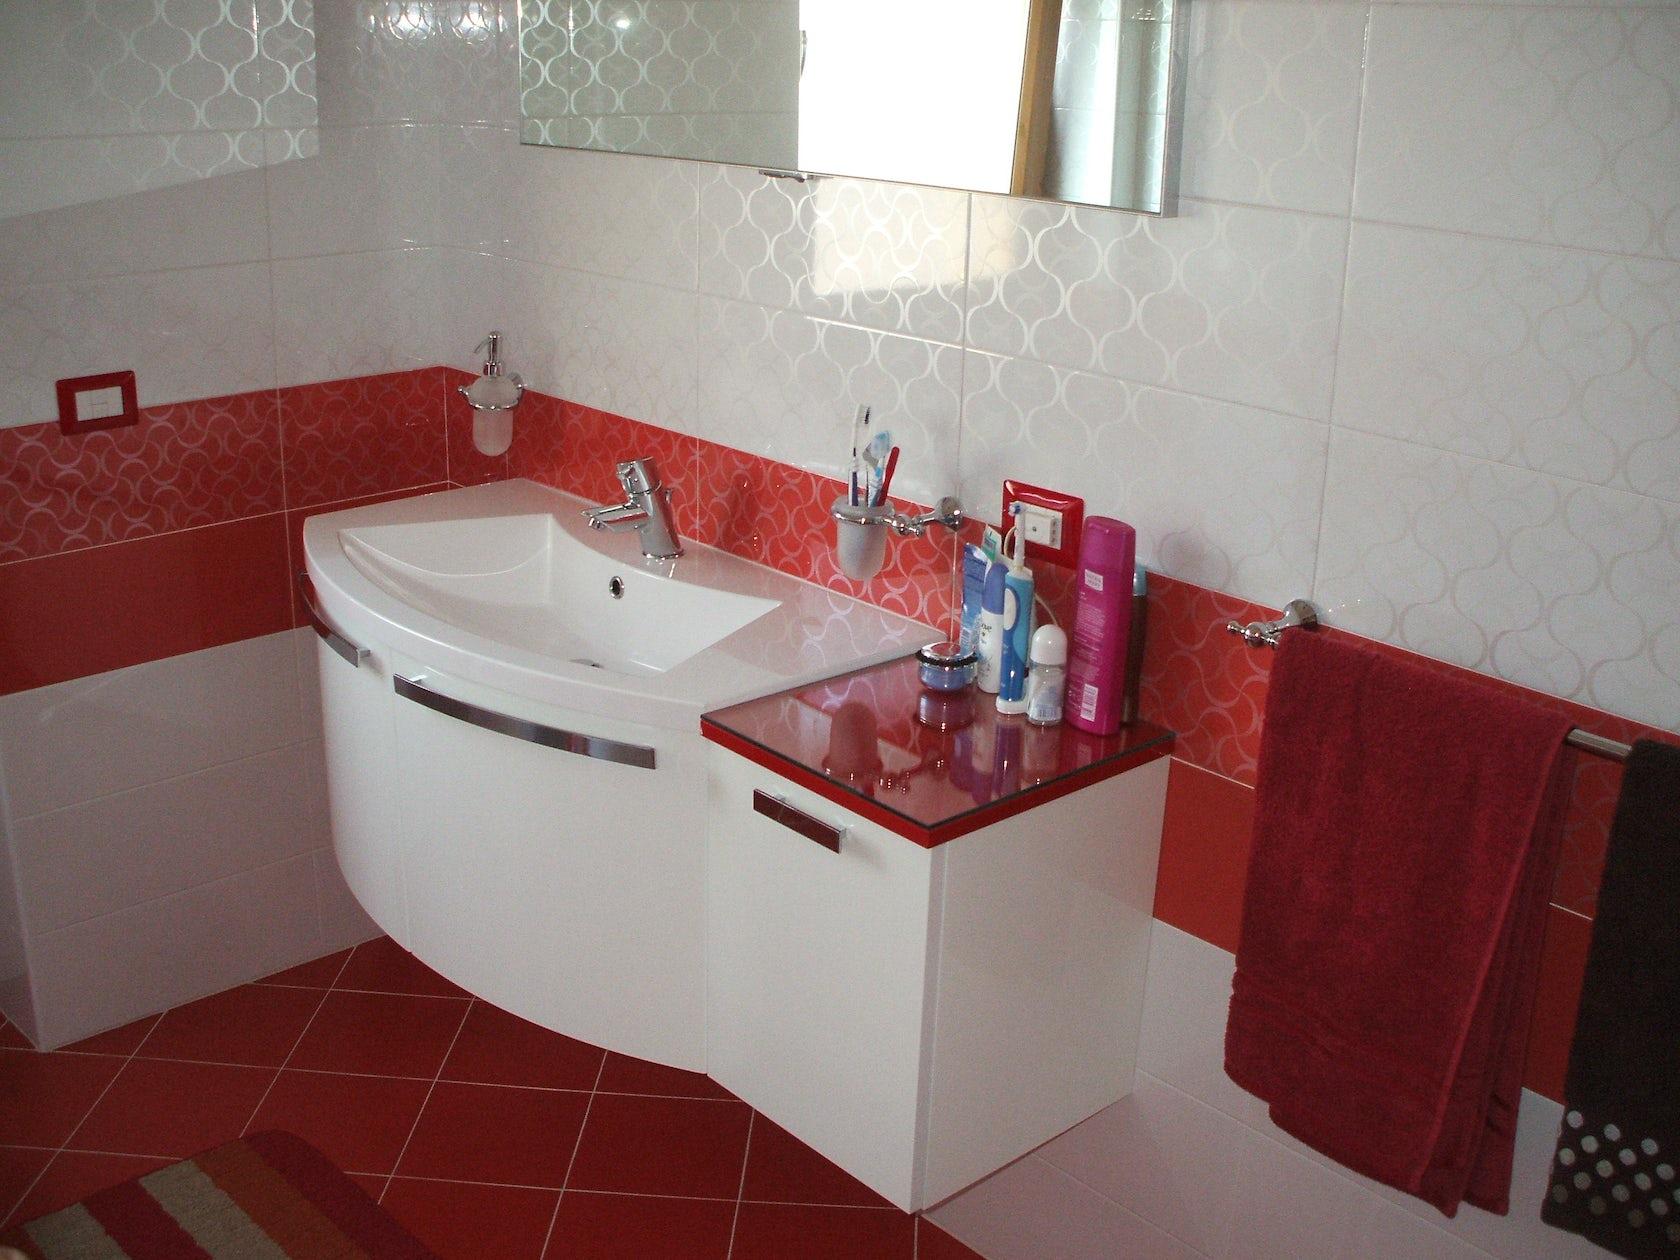 Bagno rosso e bianco architizer - Bagno arancione e bianco ...